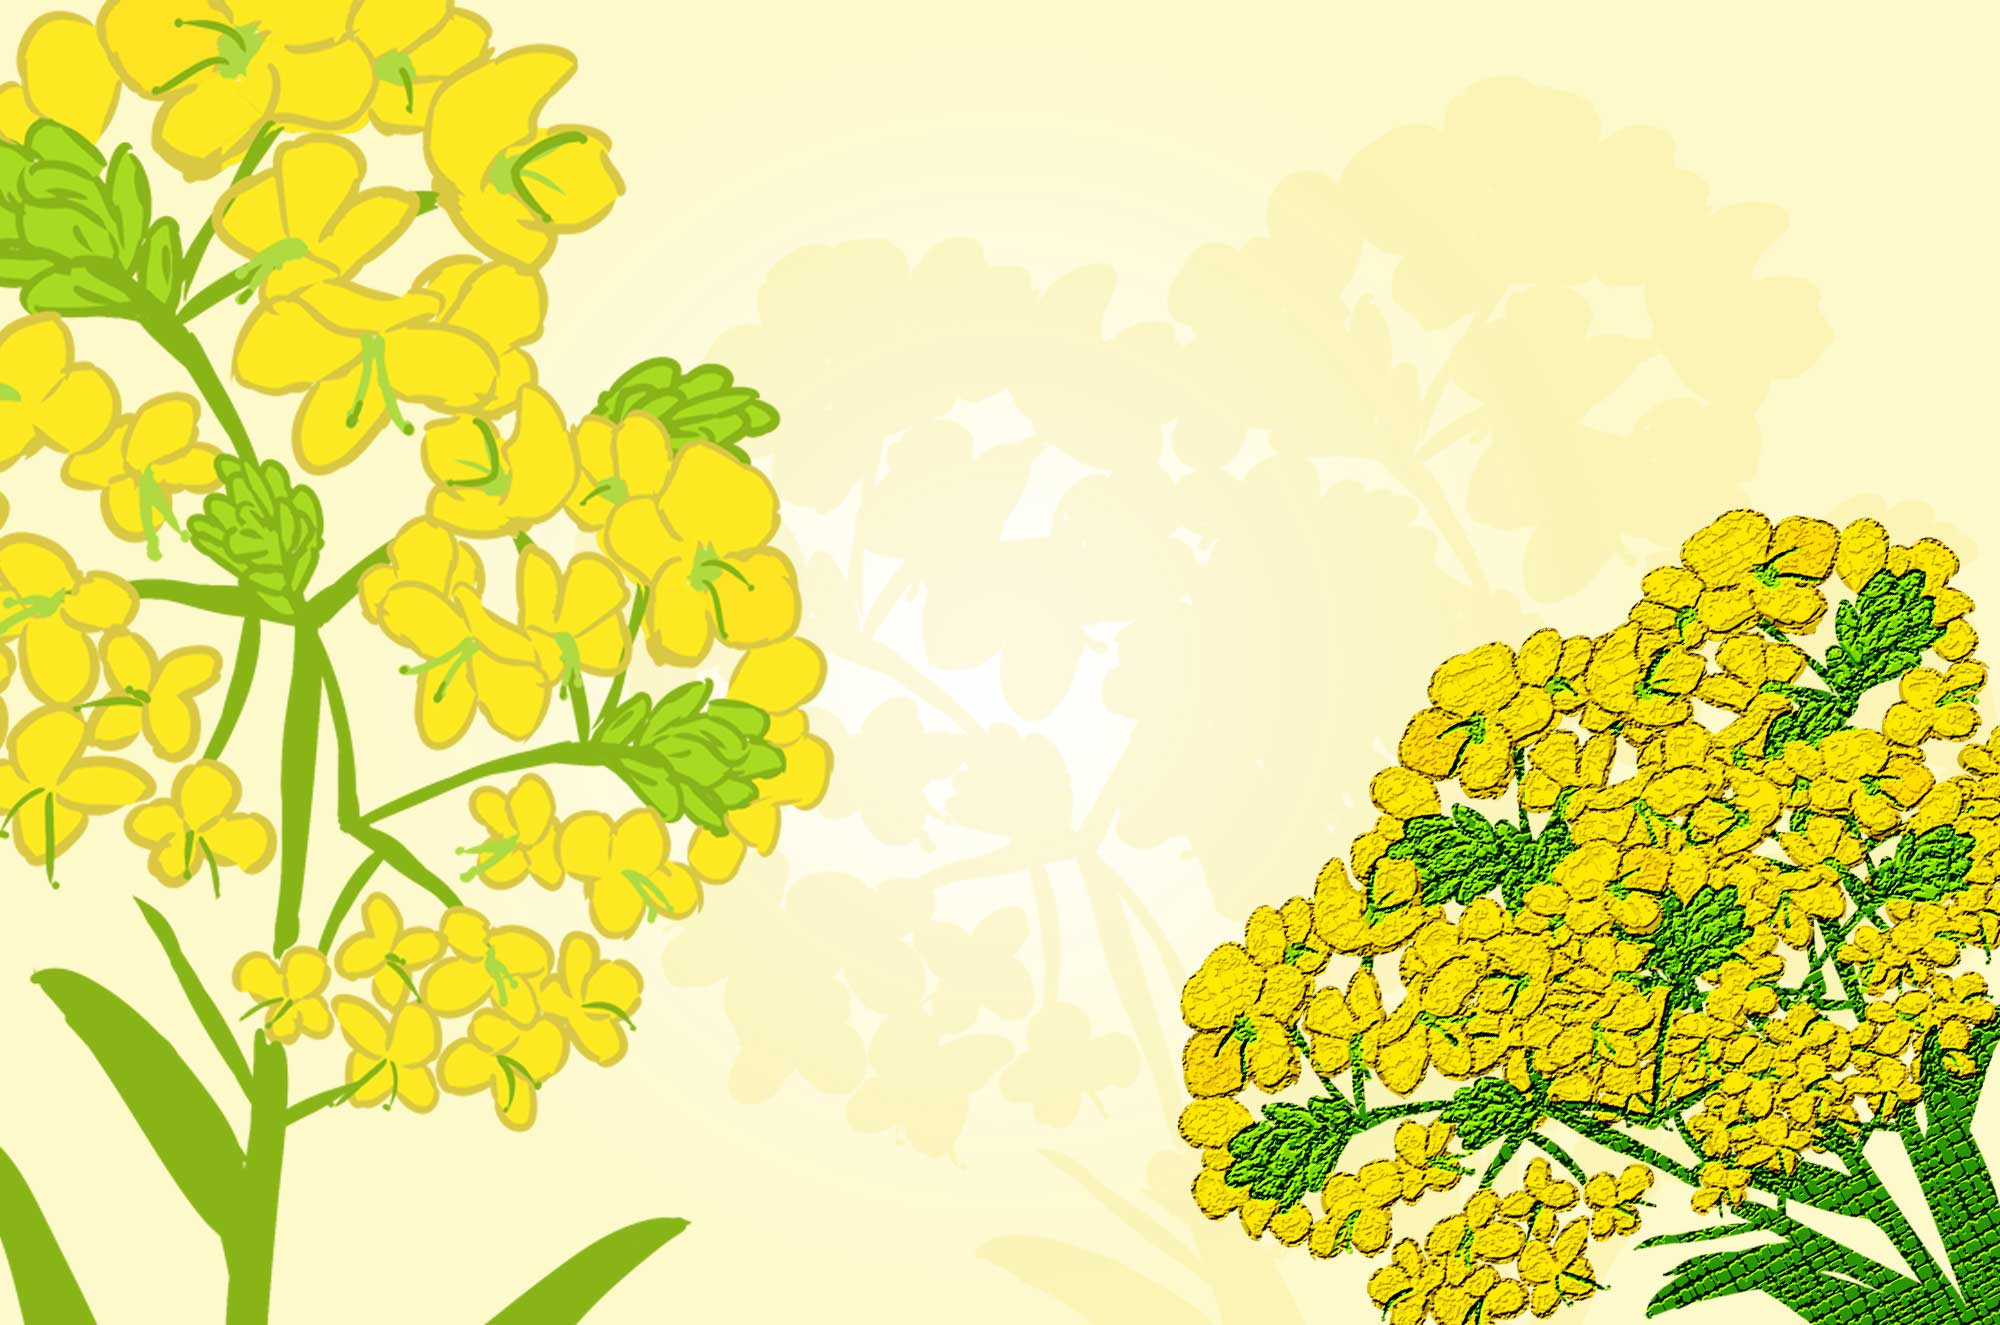 菜の花イラスト - 可愛い黄色い花の無料画像素材集☆